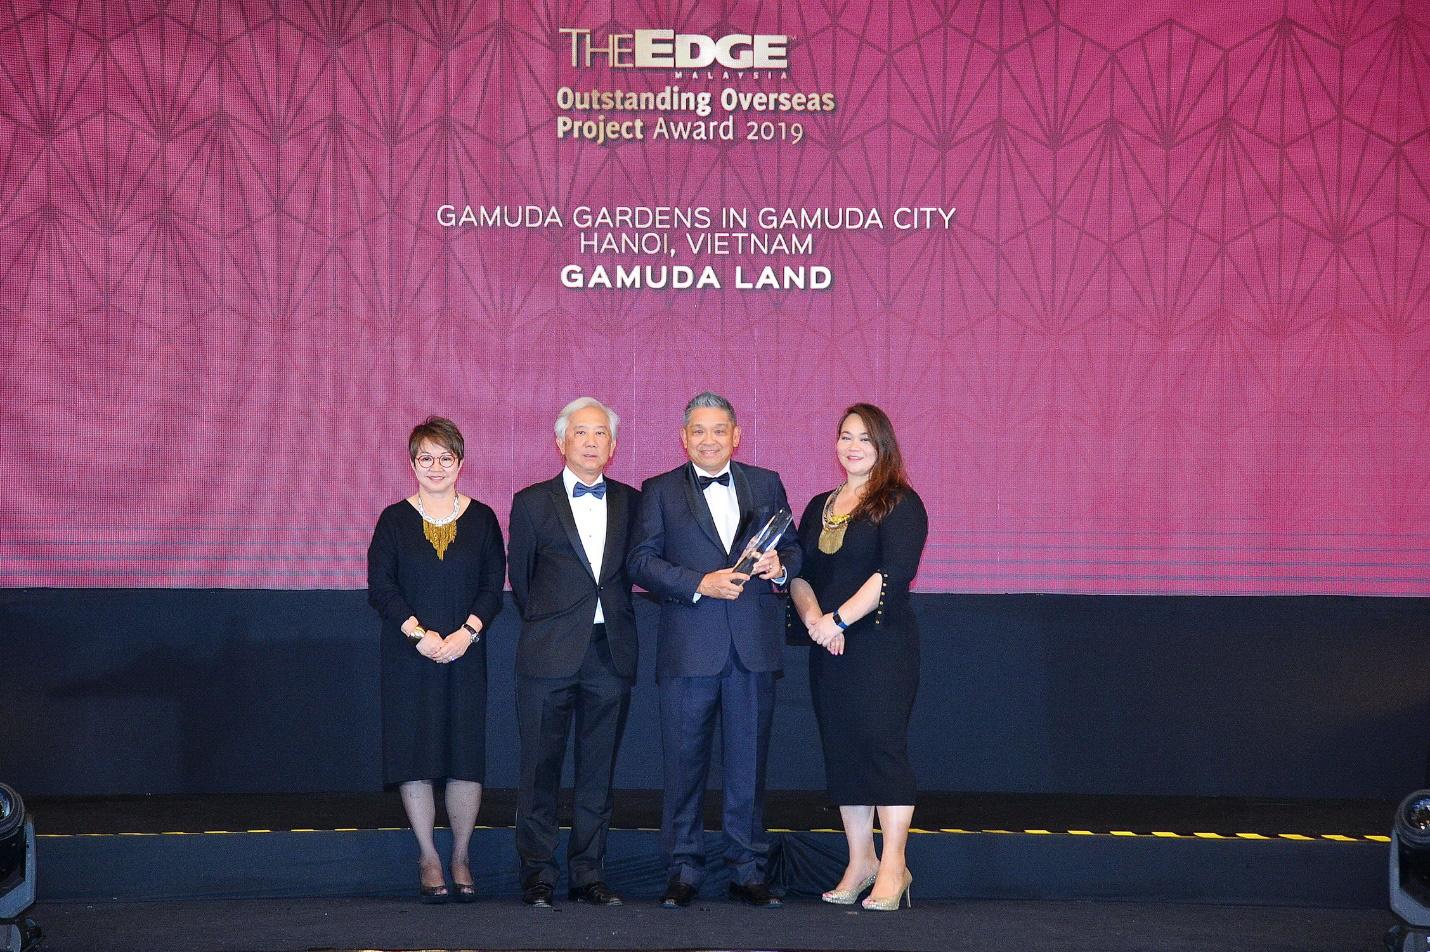 """Gamuda Gardens nhận giải thưởng """"Dự án bất động sản xuất sắc ở nước ngoài"""" tại Lễ trao giải The Edge Malaysia Property Excellence Awards 2019 - Ảnh 1."""